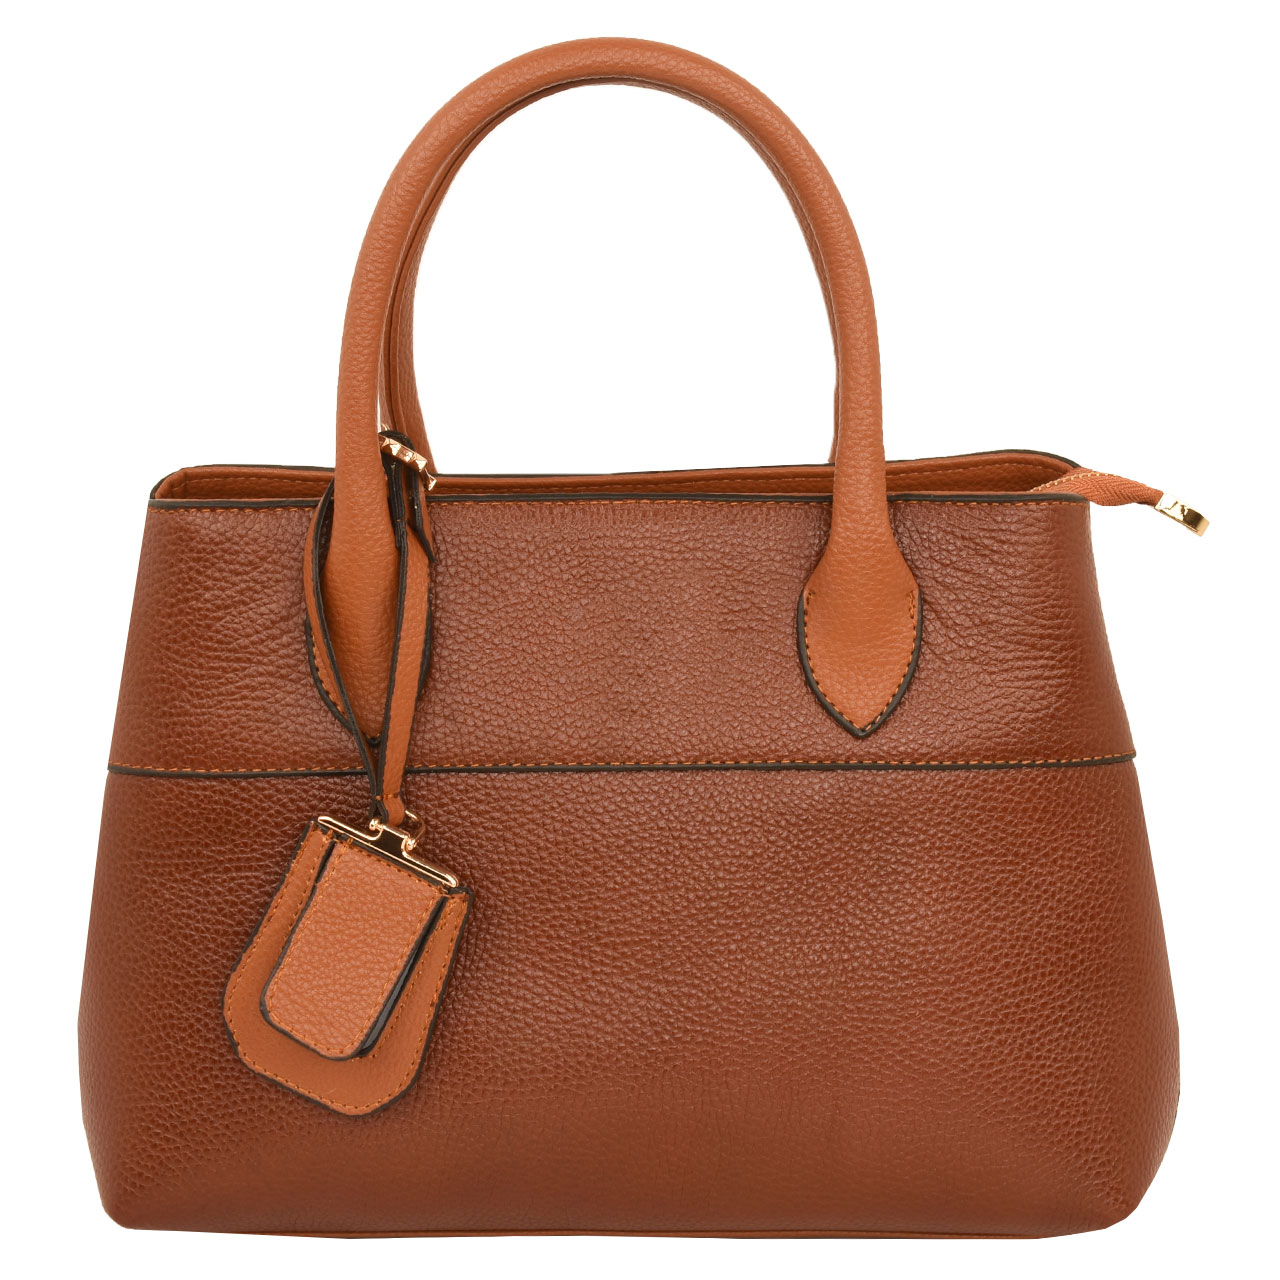 کیف دستی زنانه پارینه مدل PlV144 -1-1497